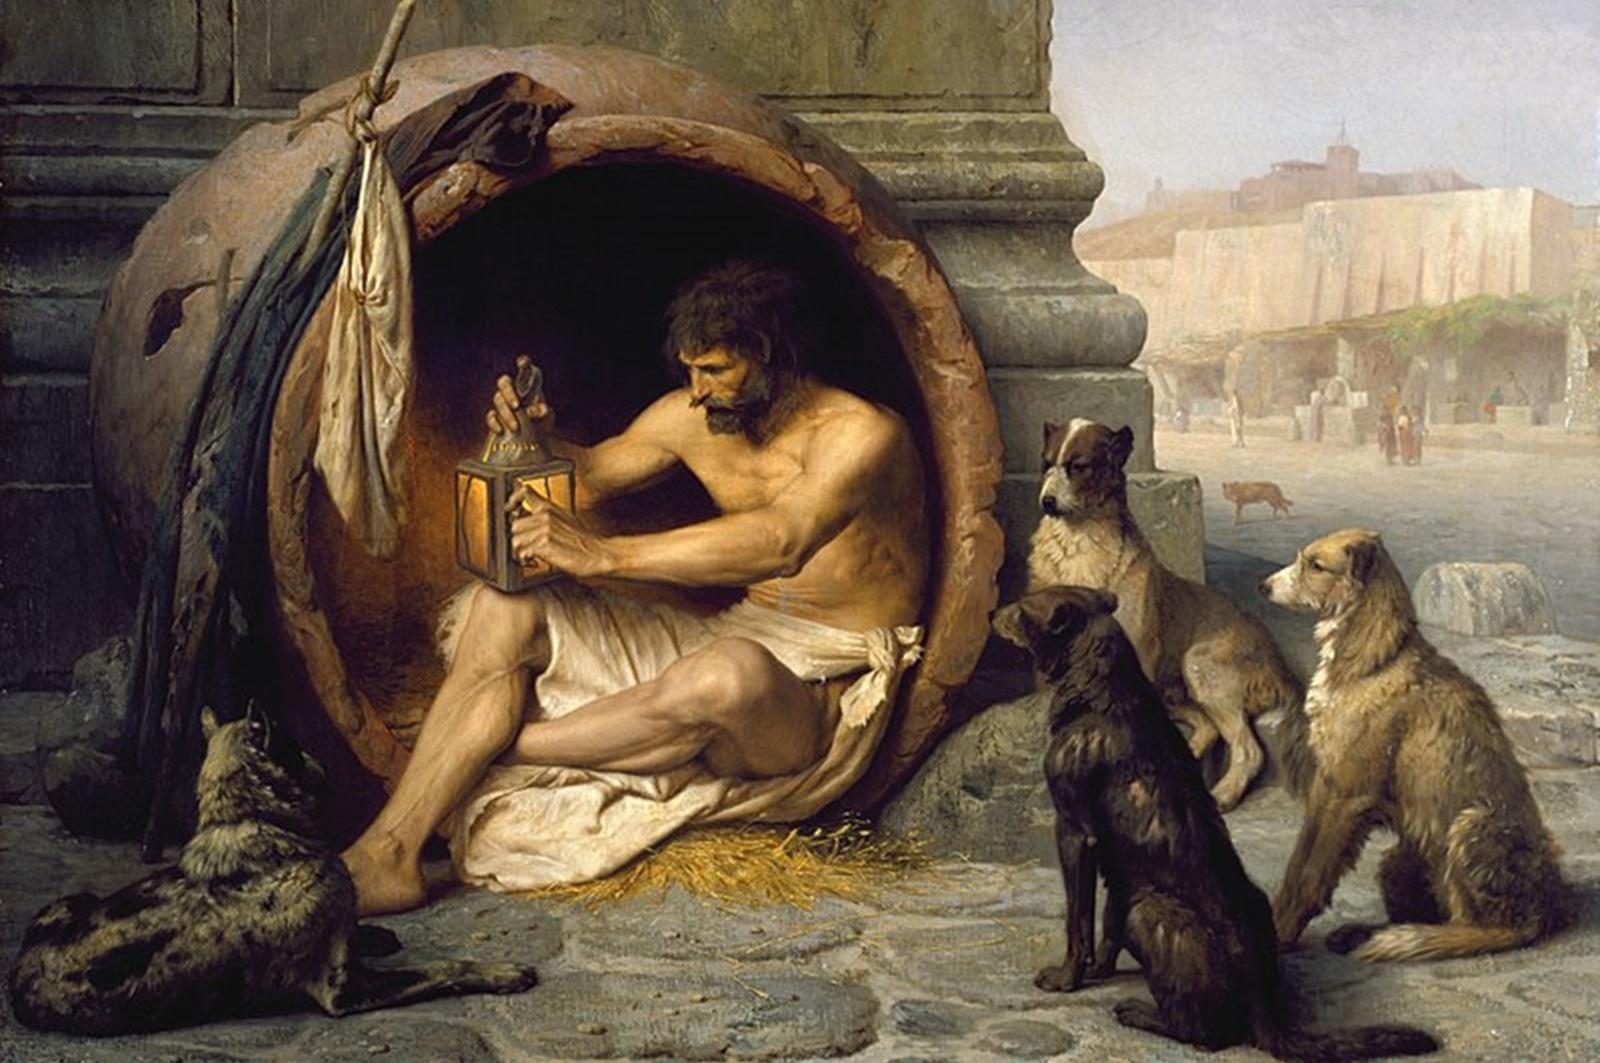 Диоген Синопски – Циника<br /> Диоген Синопски, наречен Циника, е роден в град Синоп (дн. Турция) през 412 г. пр. Хр. Няма запазени писмени източници за живота и идеите на Диоген, защото няколкото книги, написани от него, са били изгубени през вековете, но анекдотите за него, много точно илюстрират характера му. Той привиквал с резките промени на времето като живеел в делва, принадлежаща на храма на Кибела. Смята се, че философът разбил единствената си чаша, след като виждял момче да пие от шепите си. Аскетизмът му спечелва и място в класацията на най-странните хора. Начините, по които Диоген демонстрирал своята философия били твърде нестандартни за времето си… а и за днешното време.<br />